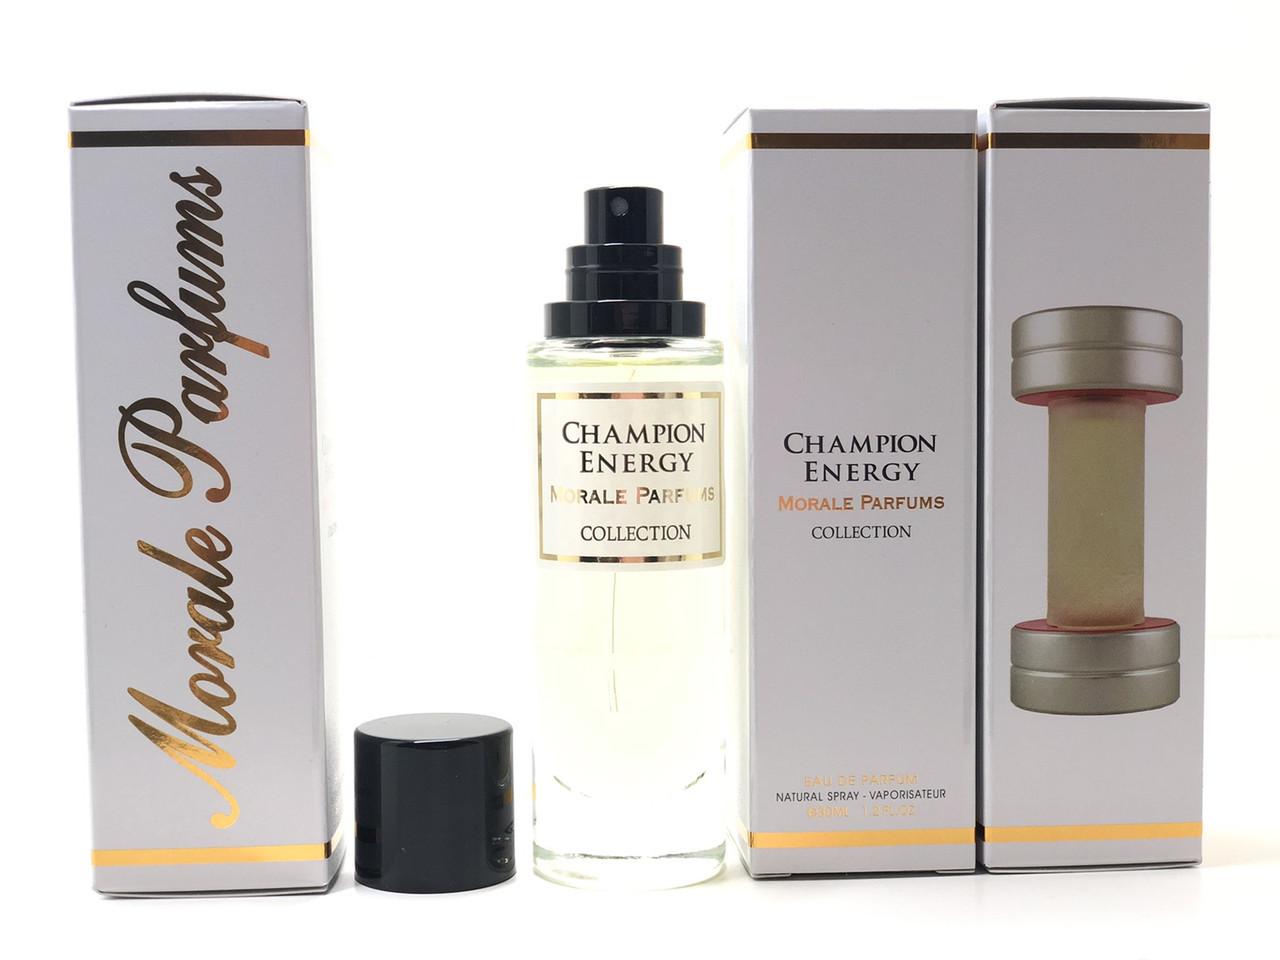 Мужской аромат Champion Energy Morale Parfums (Чемпион Энерджи Морал Парфюм) 30 мл